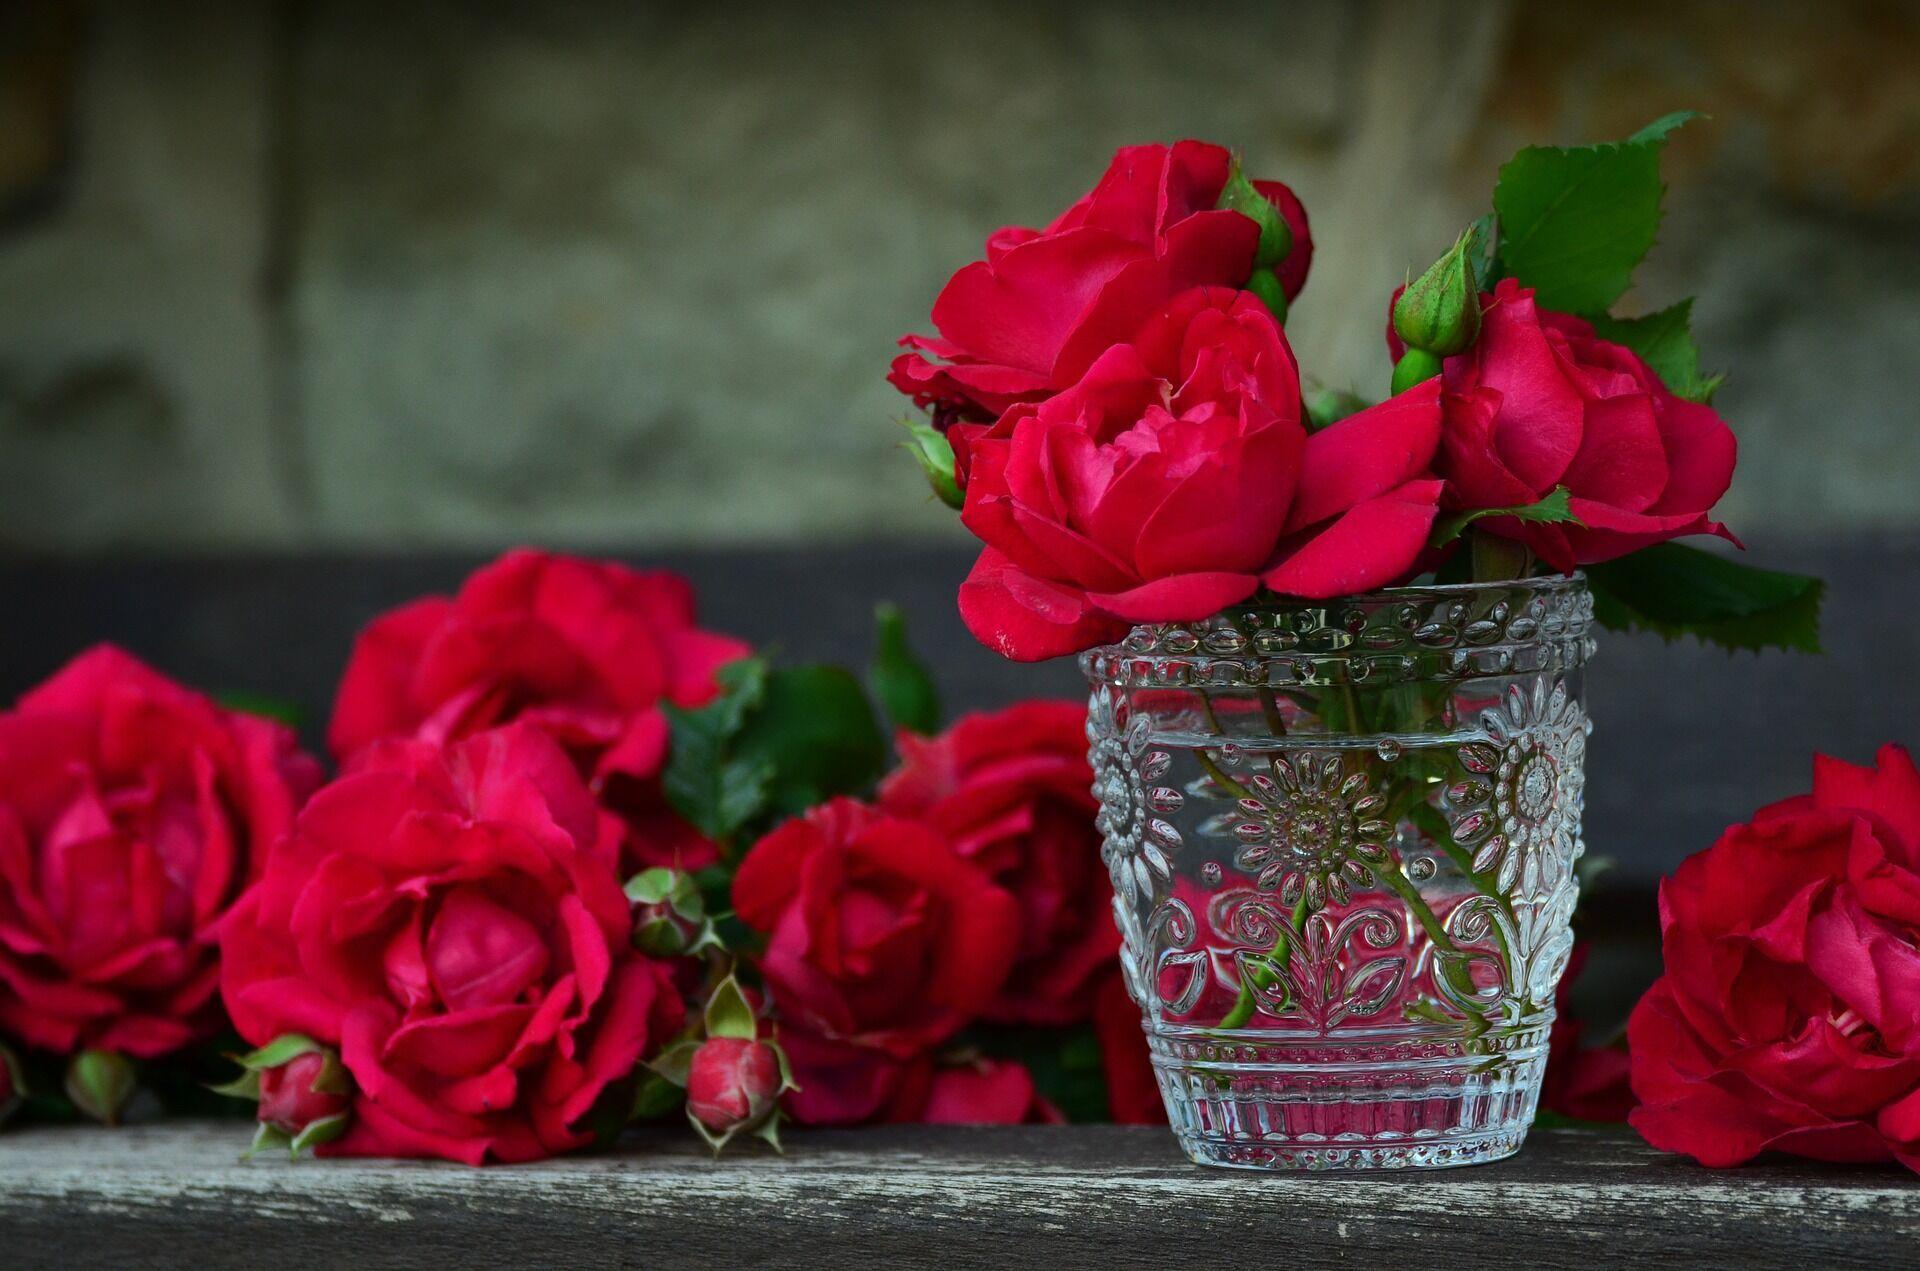 Варення можна відразу готувати з декількох видів троянд